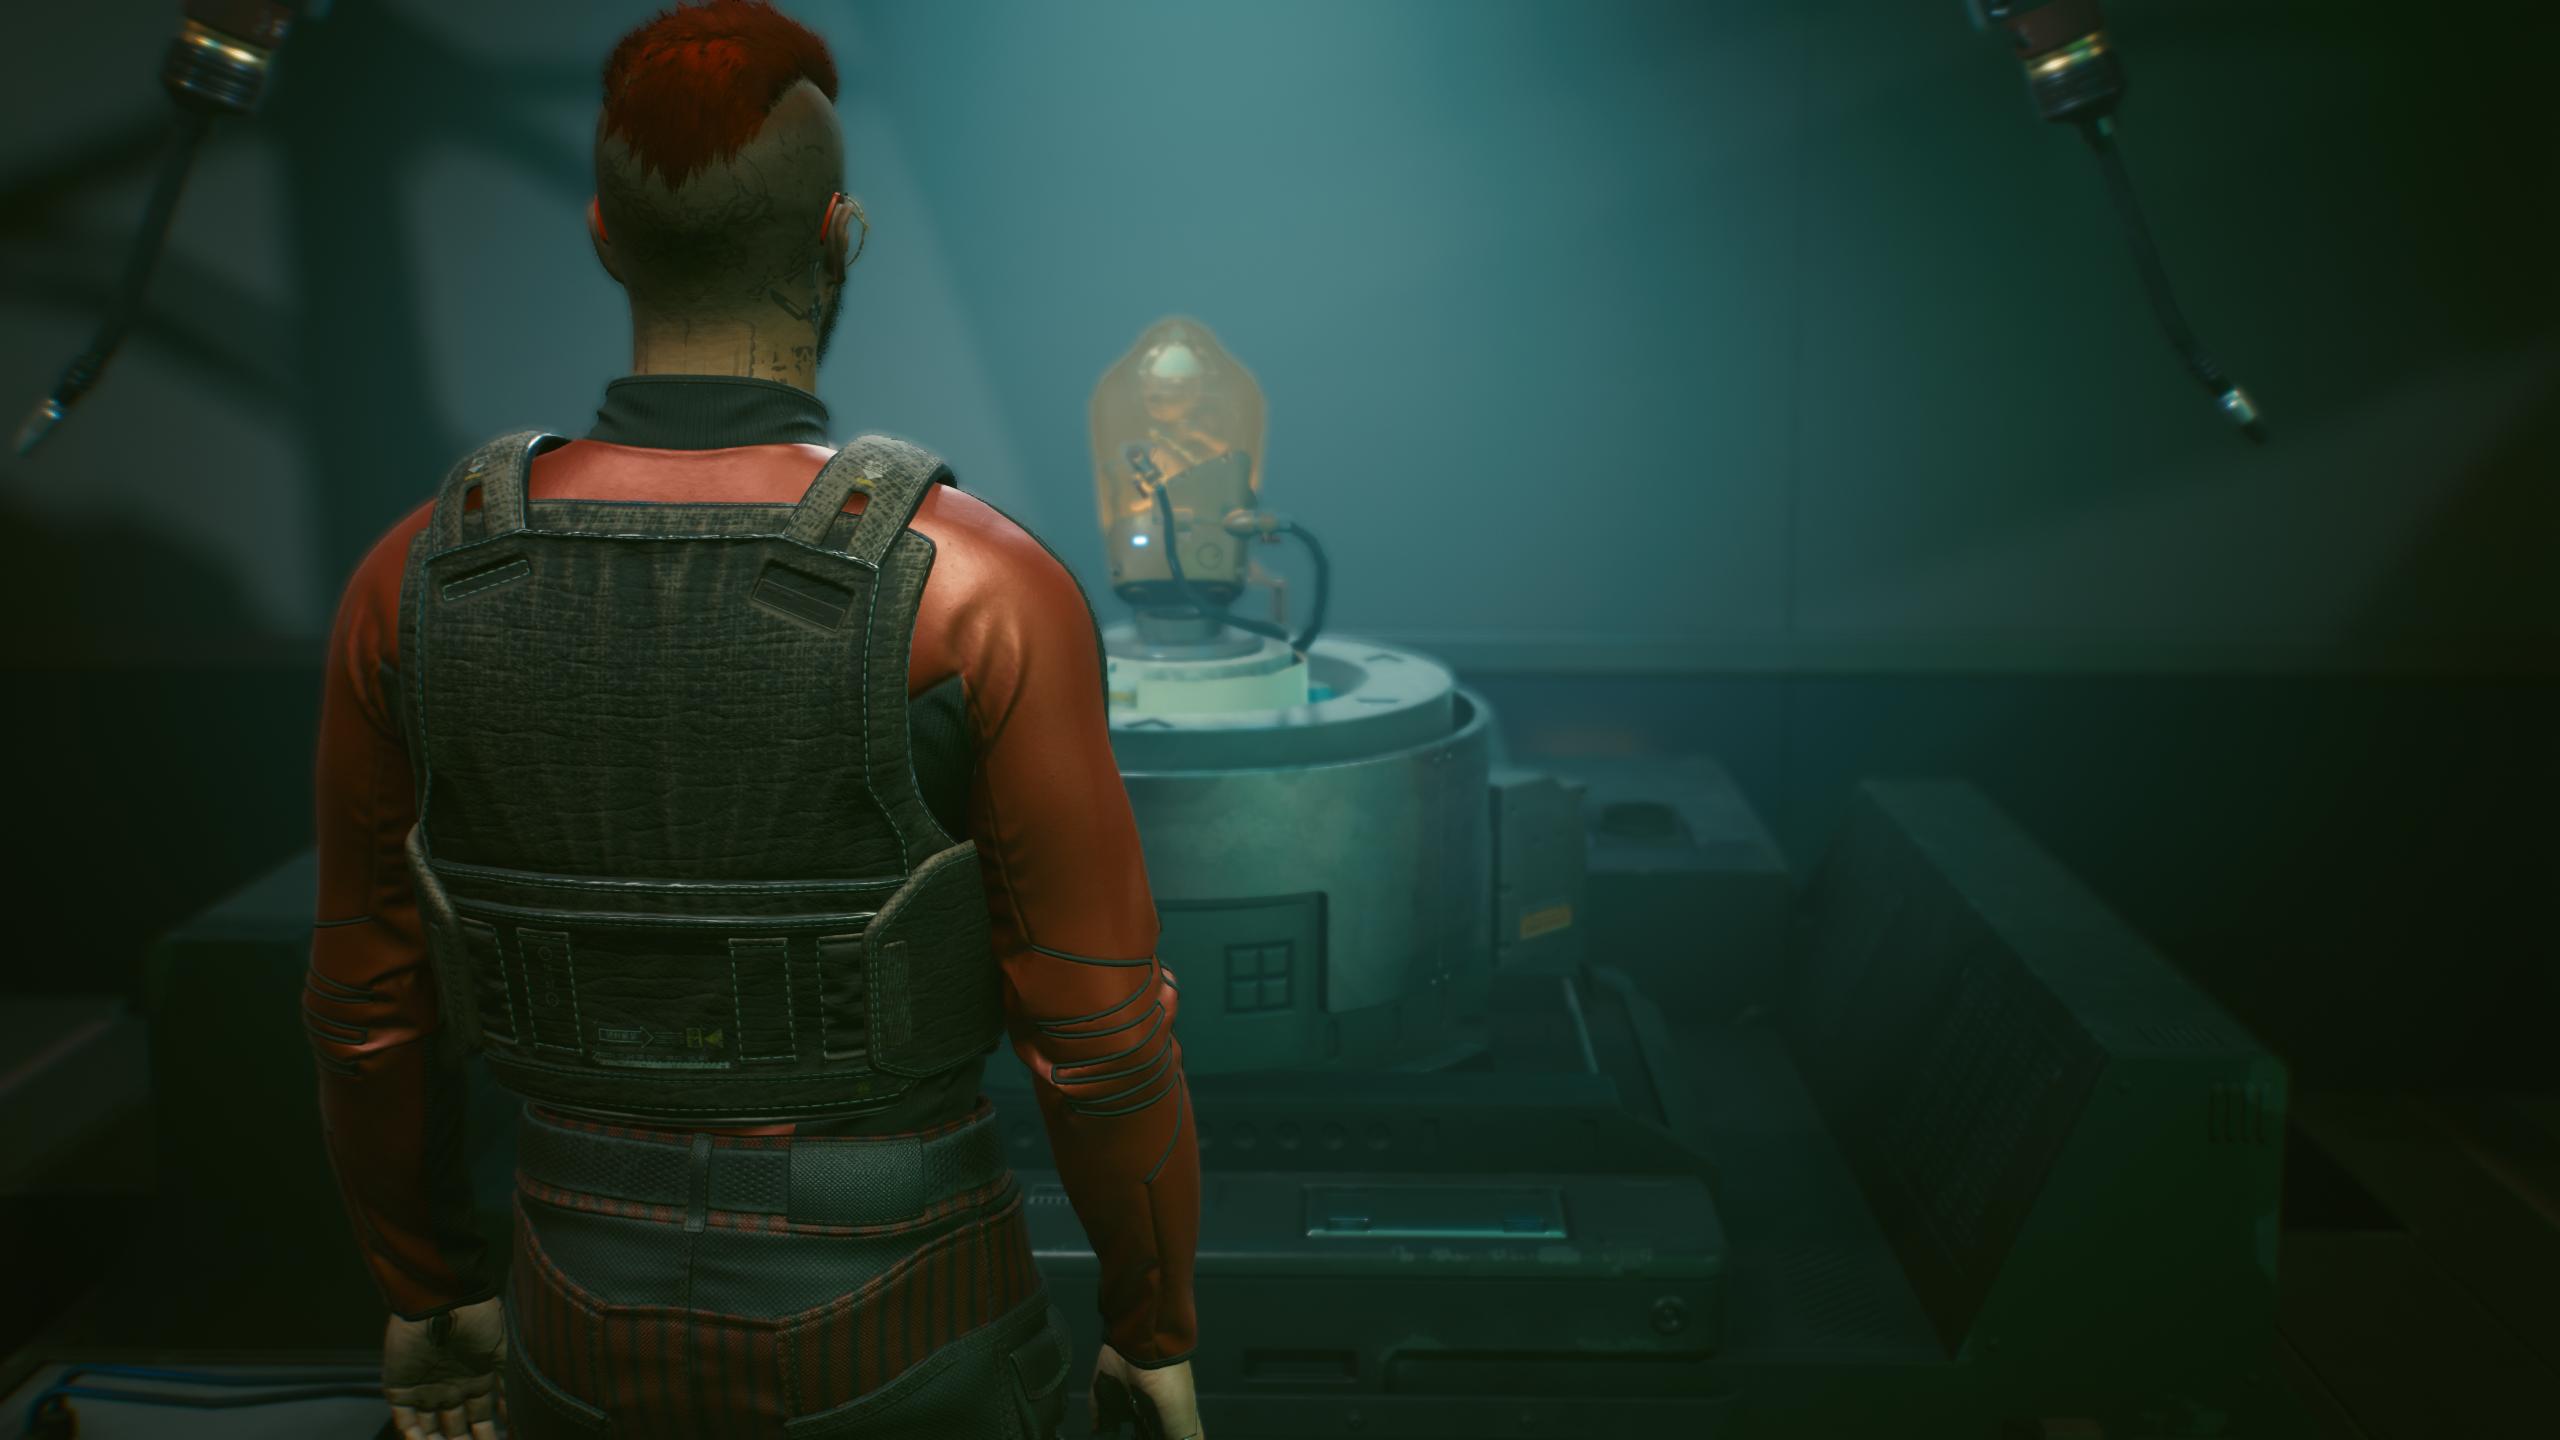 b-b - Cyberpunk 2077